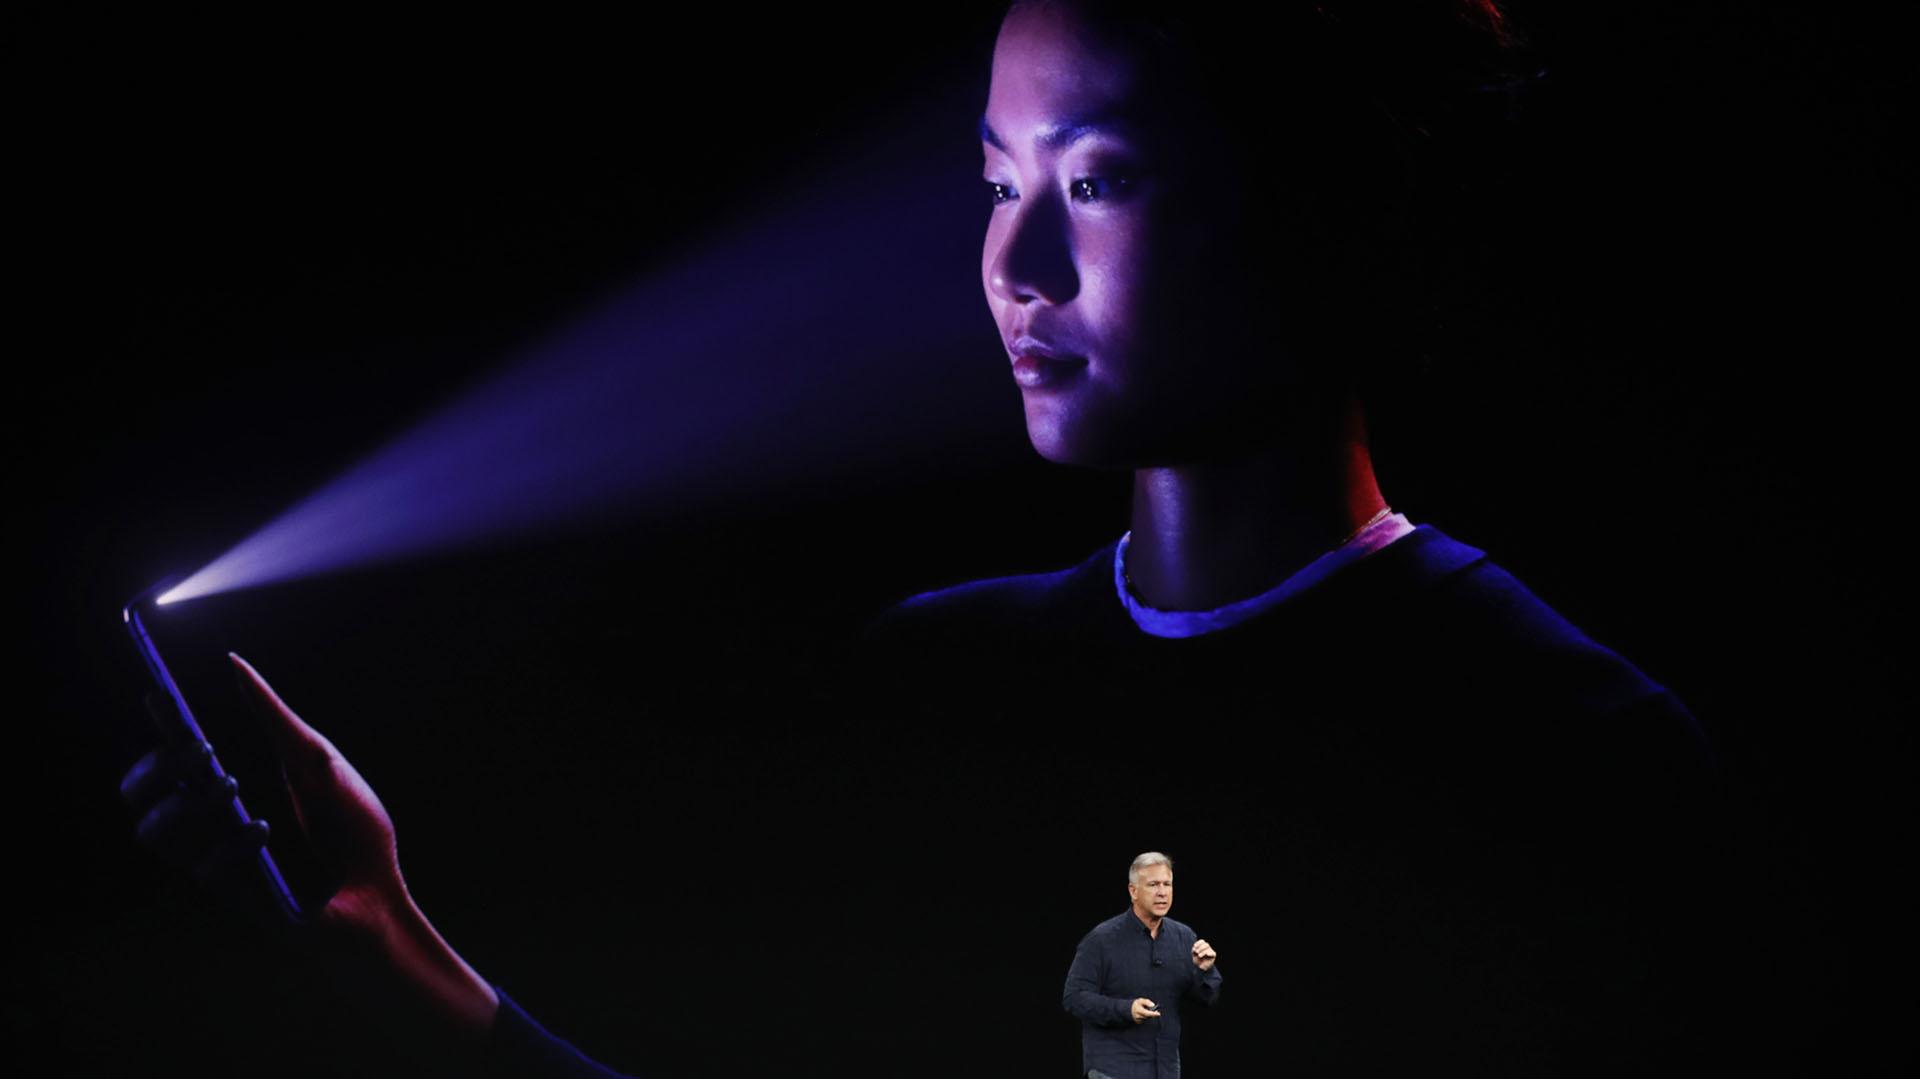 El iPhone X integra la función de reconocimiento facial en 3D(REUTERS/Stephen Lam)